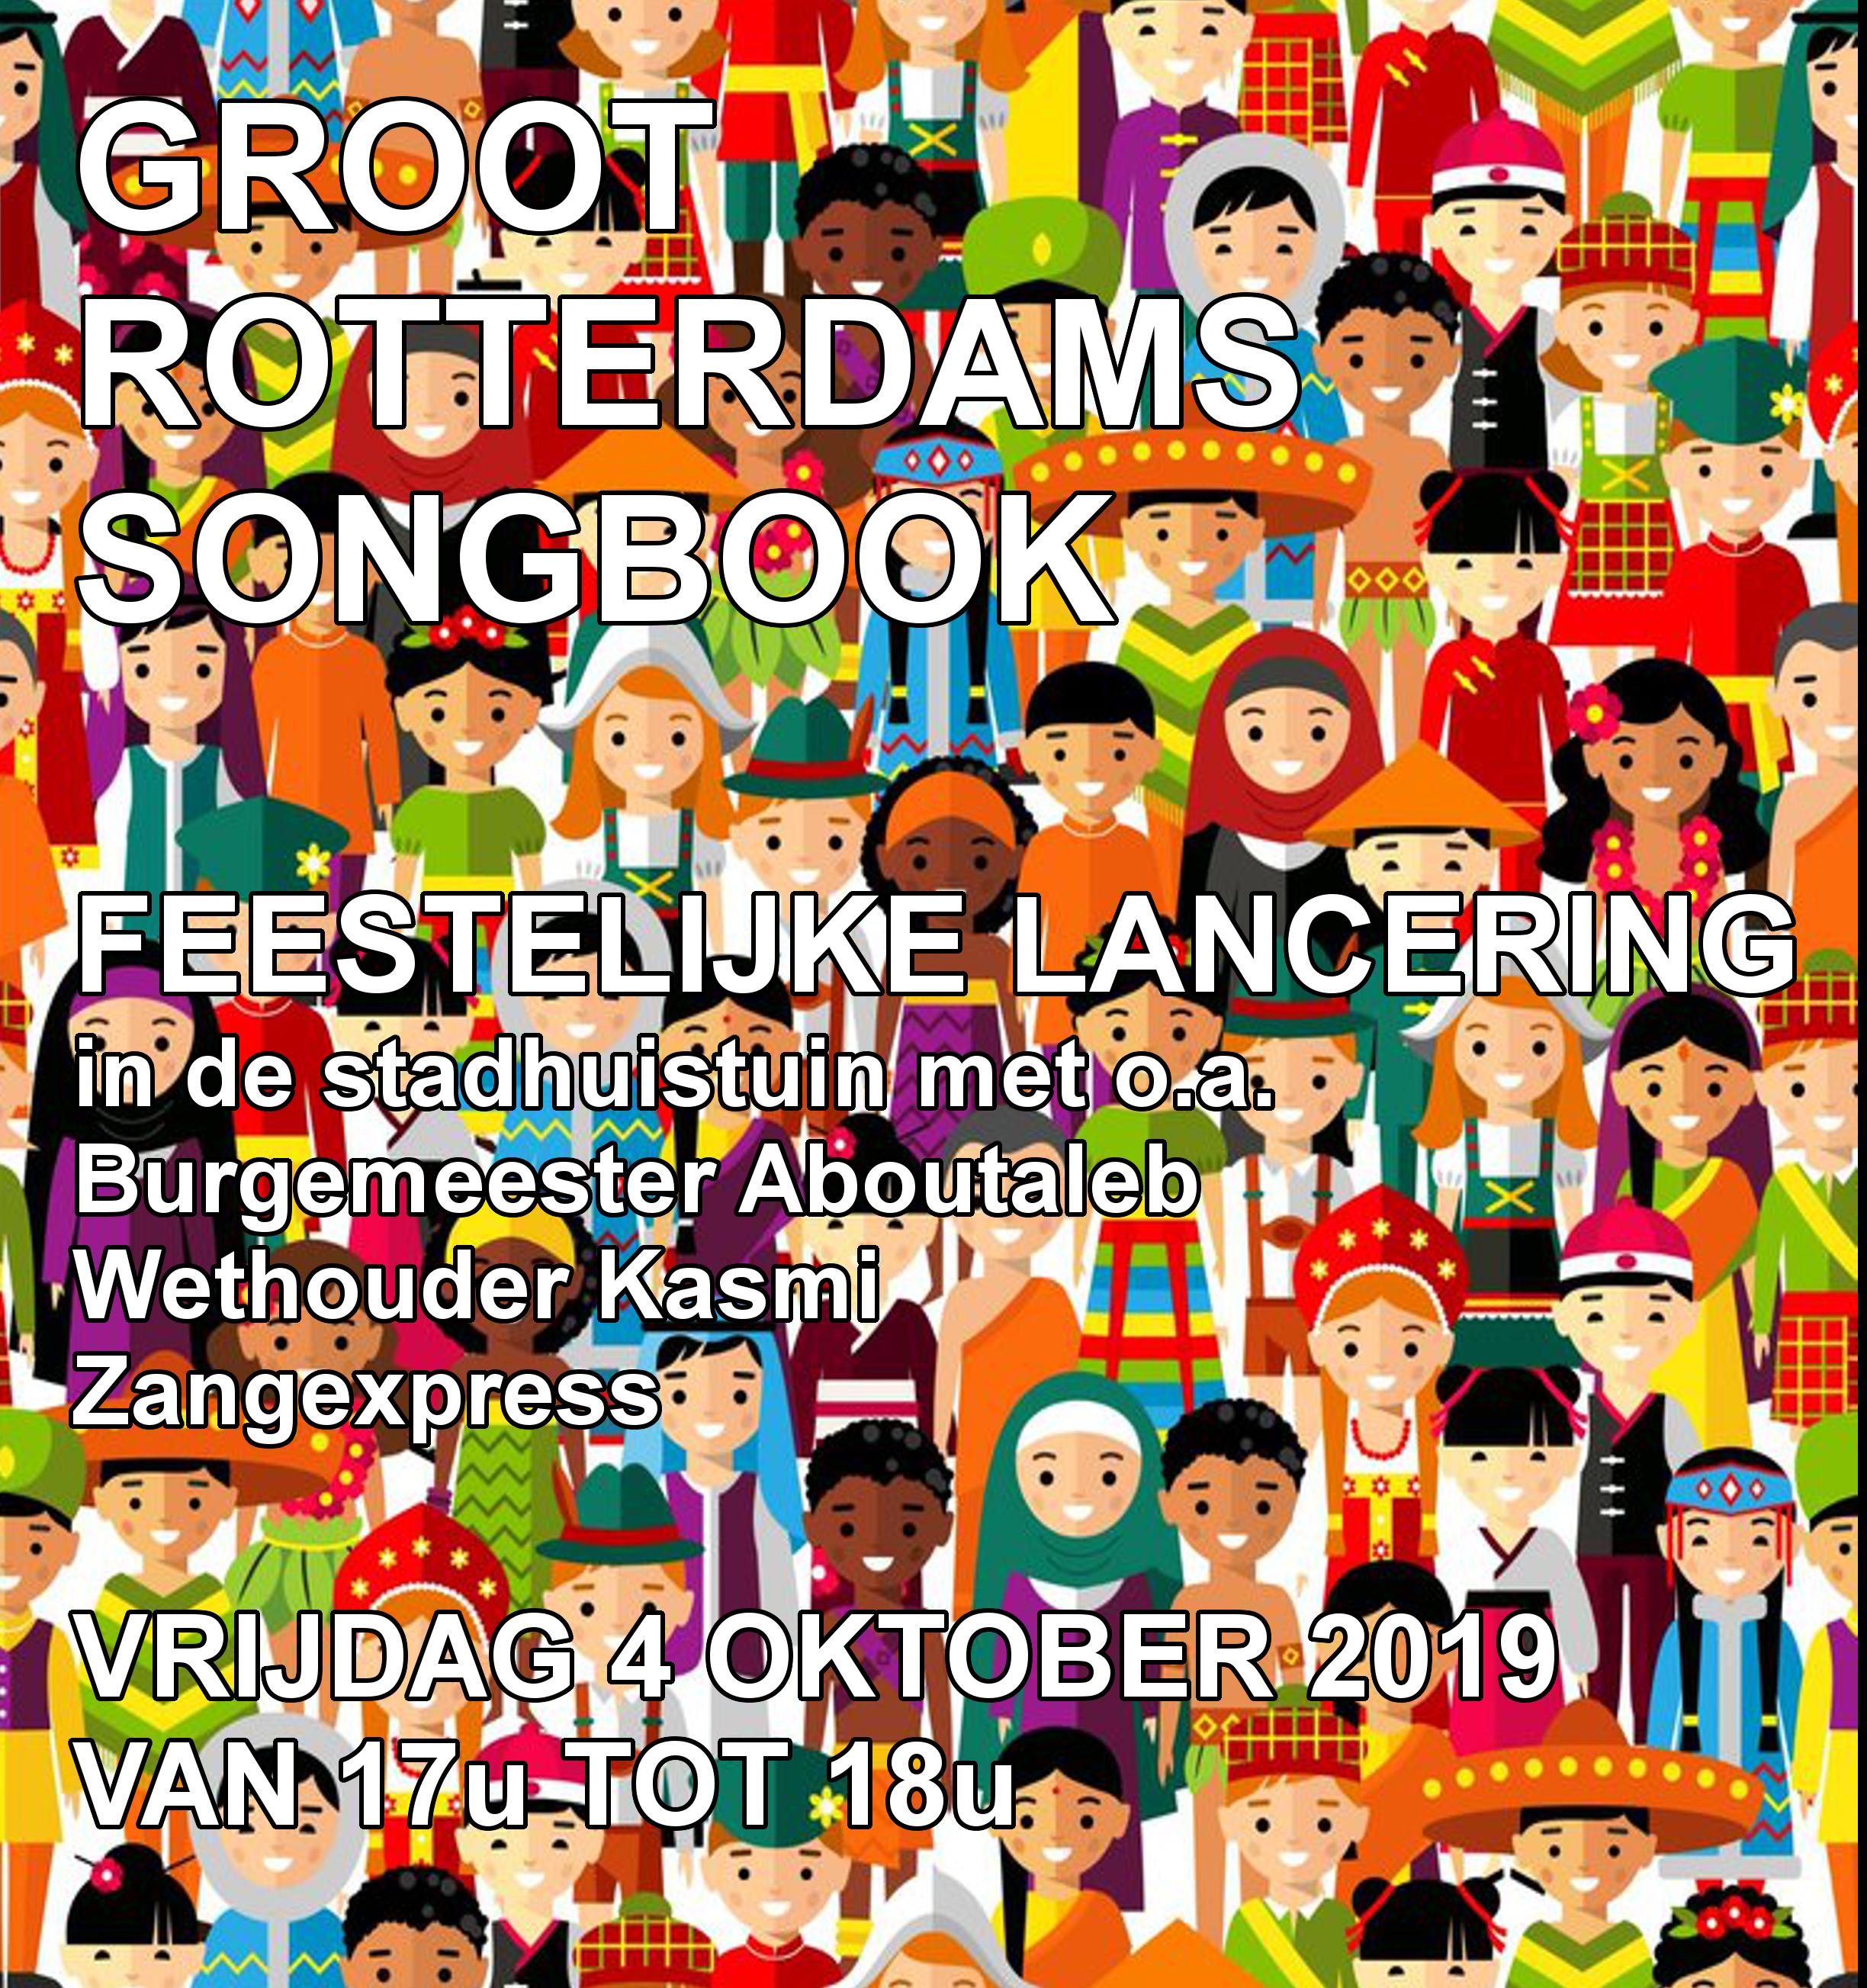 006.Groot Rotterdams Songbook.png